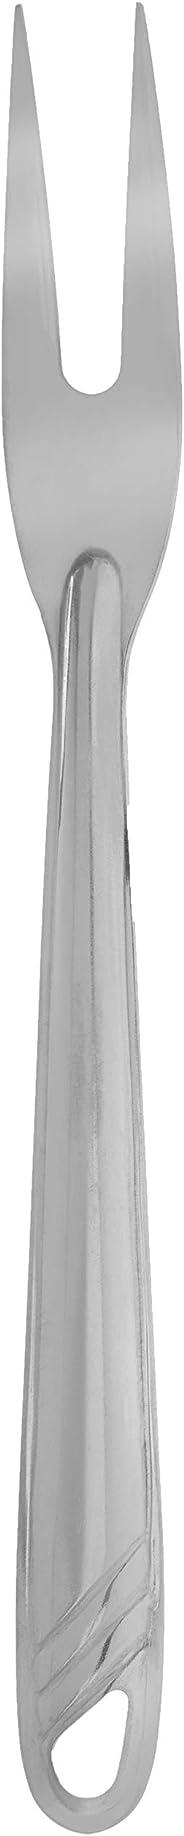 Garfo Trinchante Aço Inox Linha Moniz, Simonaggio, 1732, Aço Inox